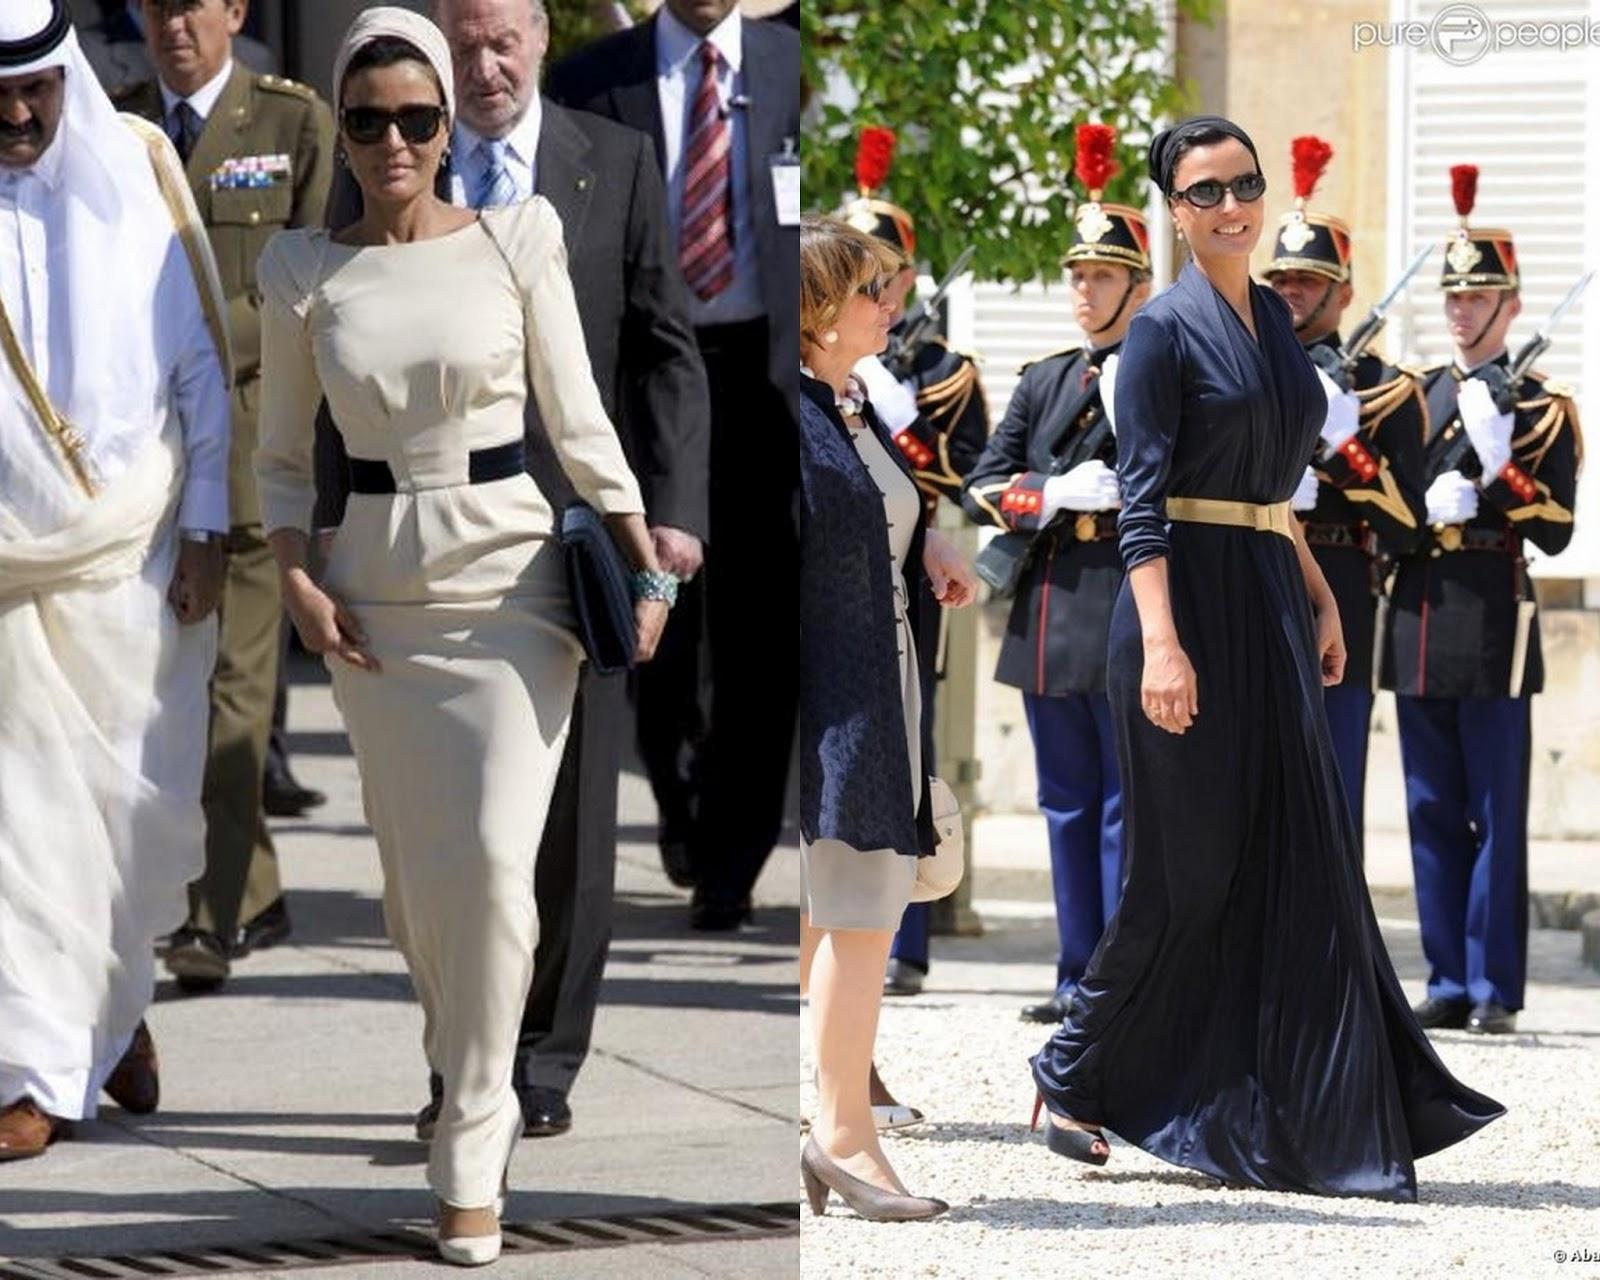 Queen of Qatar | Sola Rey